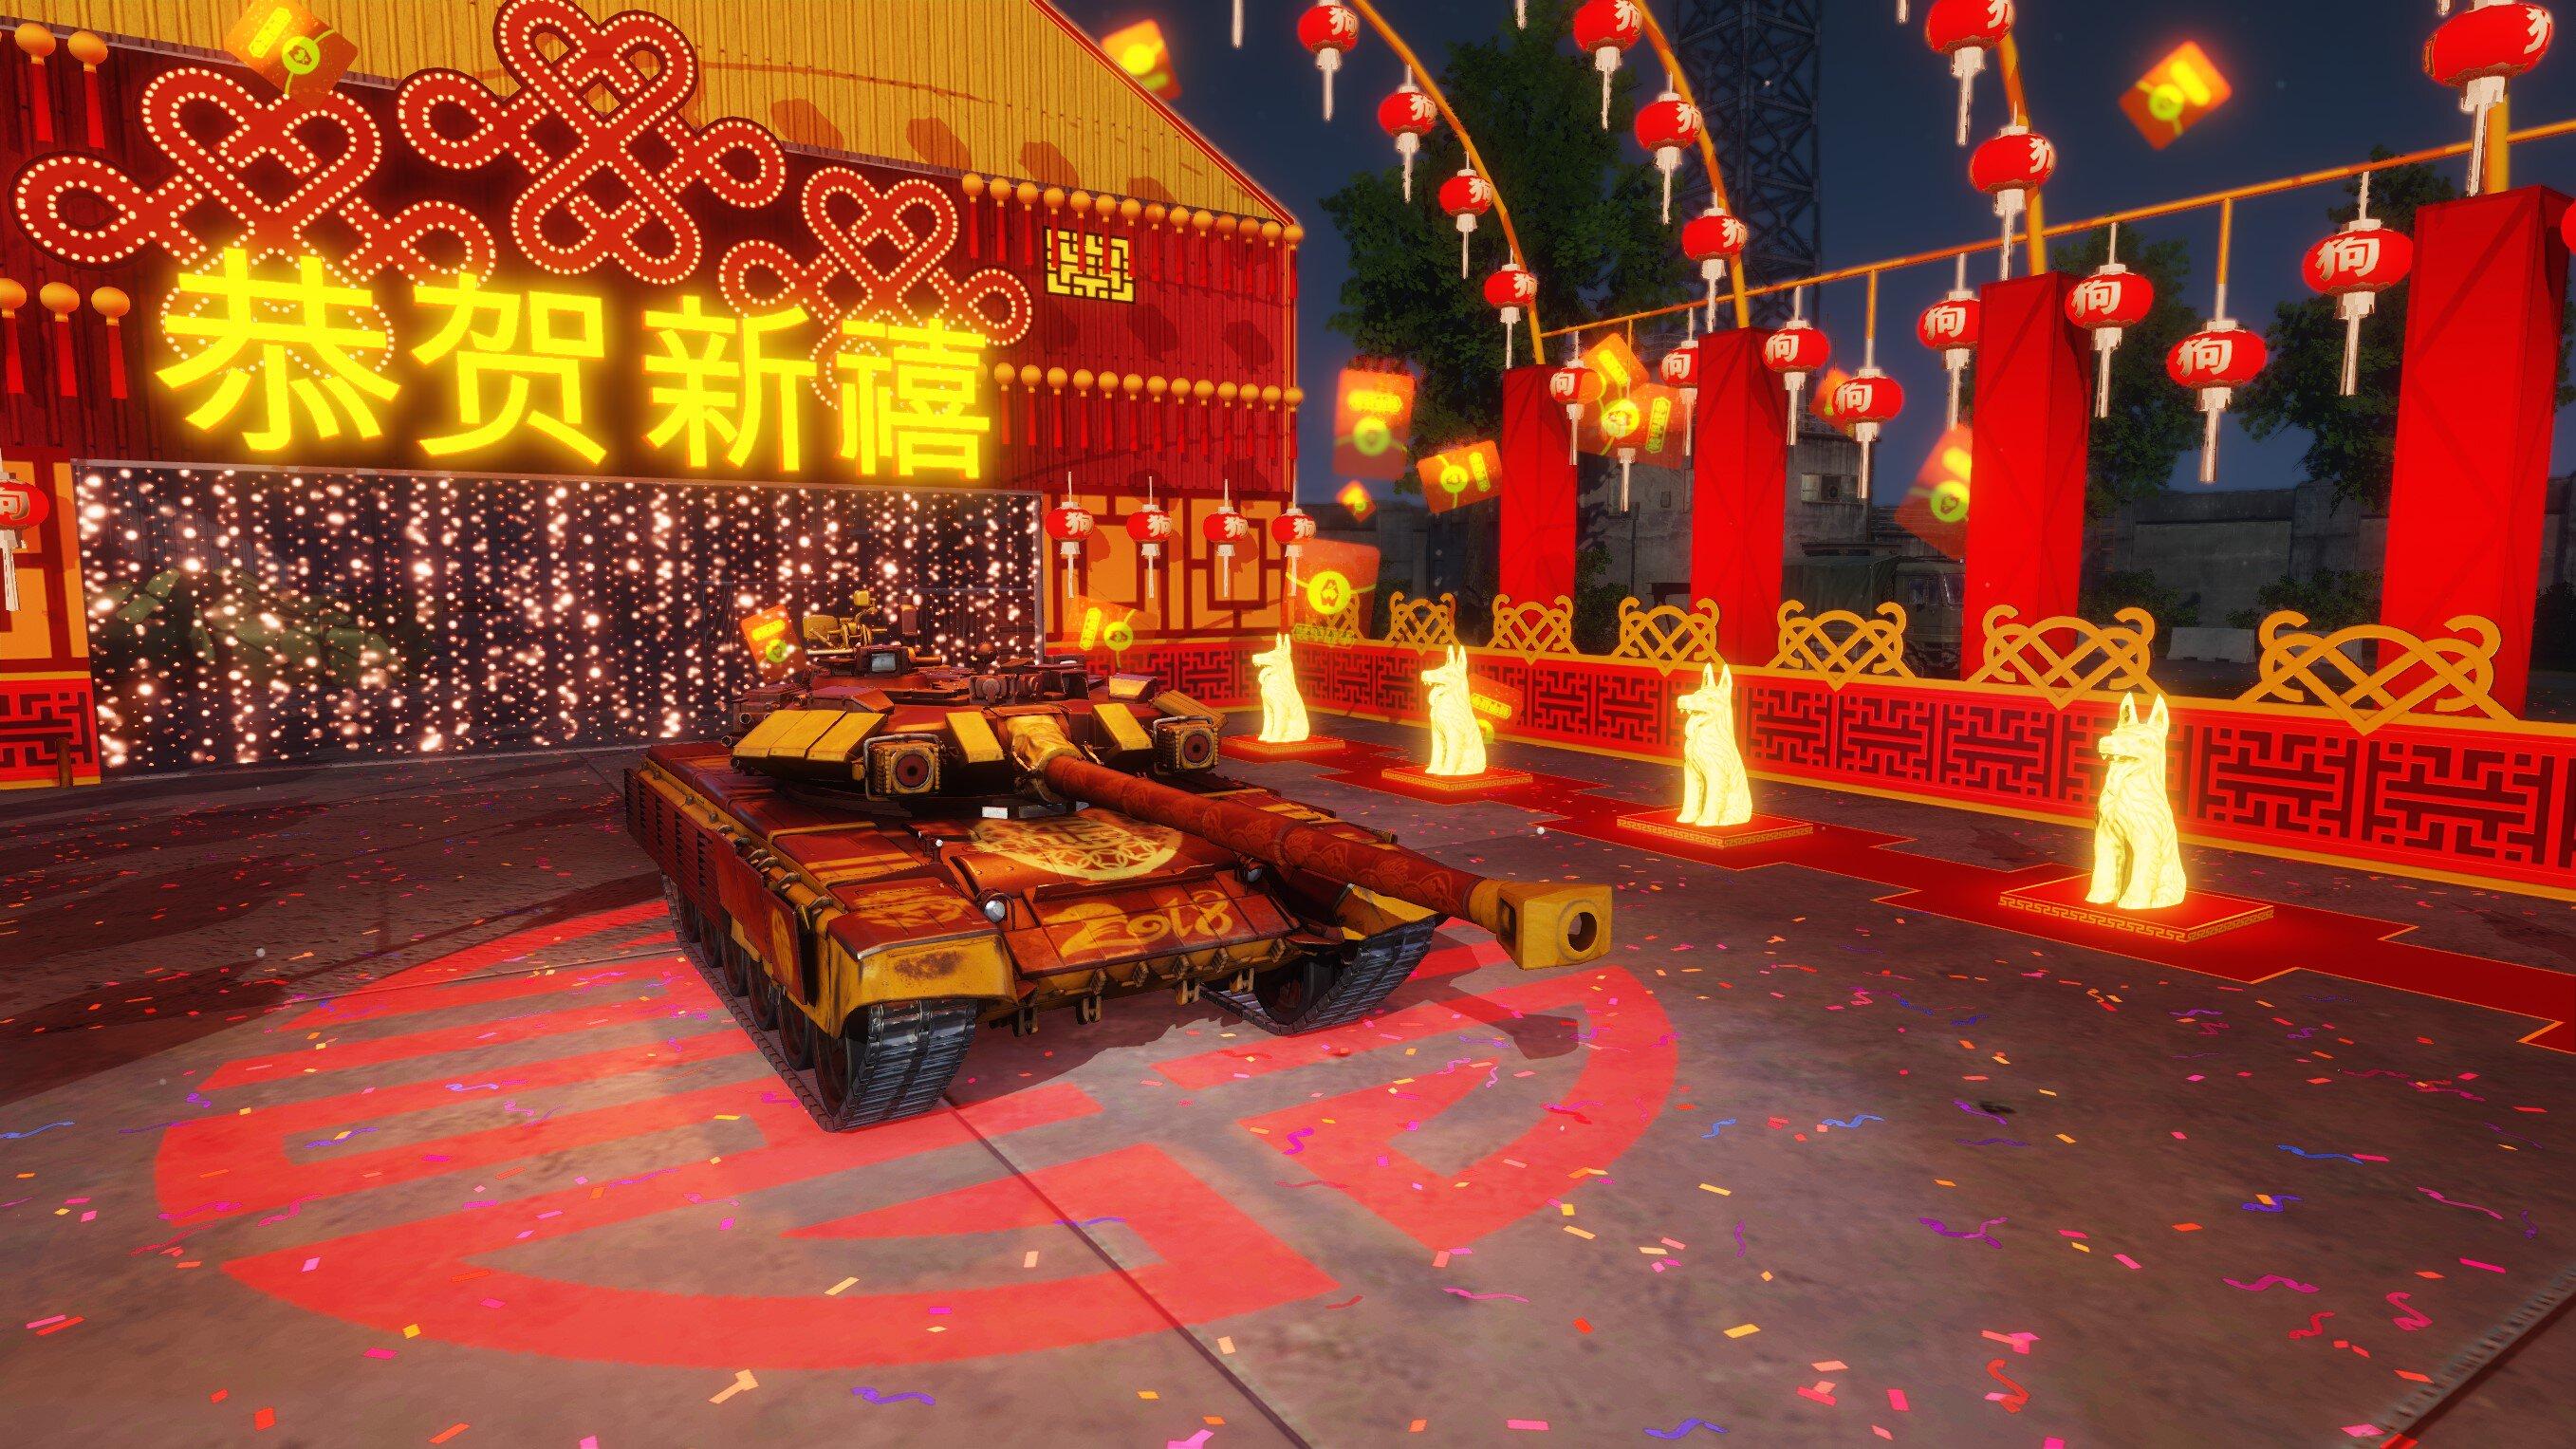 Wir feiern das Chinesische Neujahr